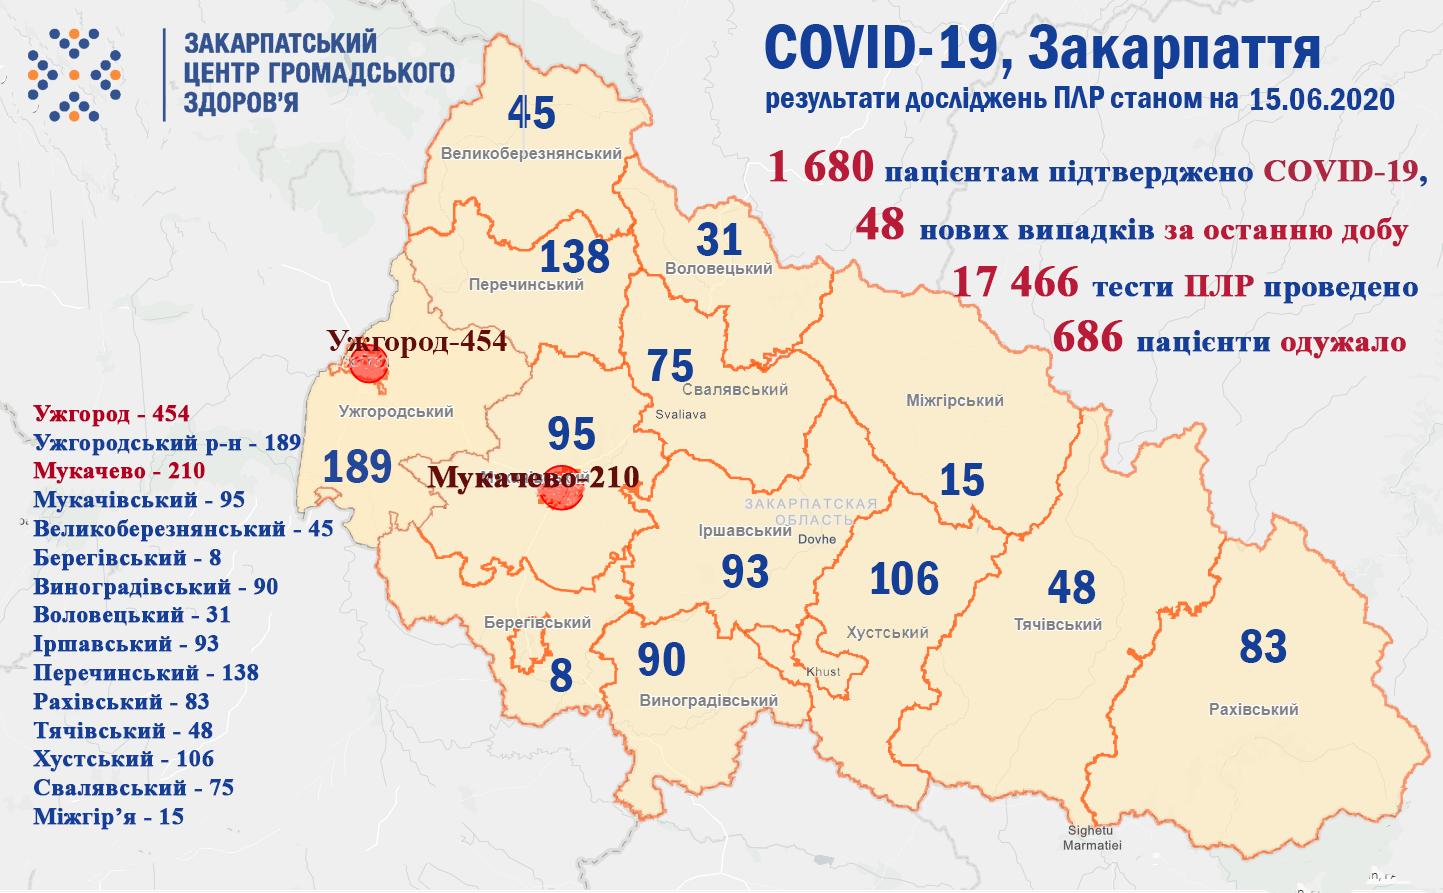 У Закарпатті плюс 48 хворих на COVID-19 за добу, двоє людей померло